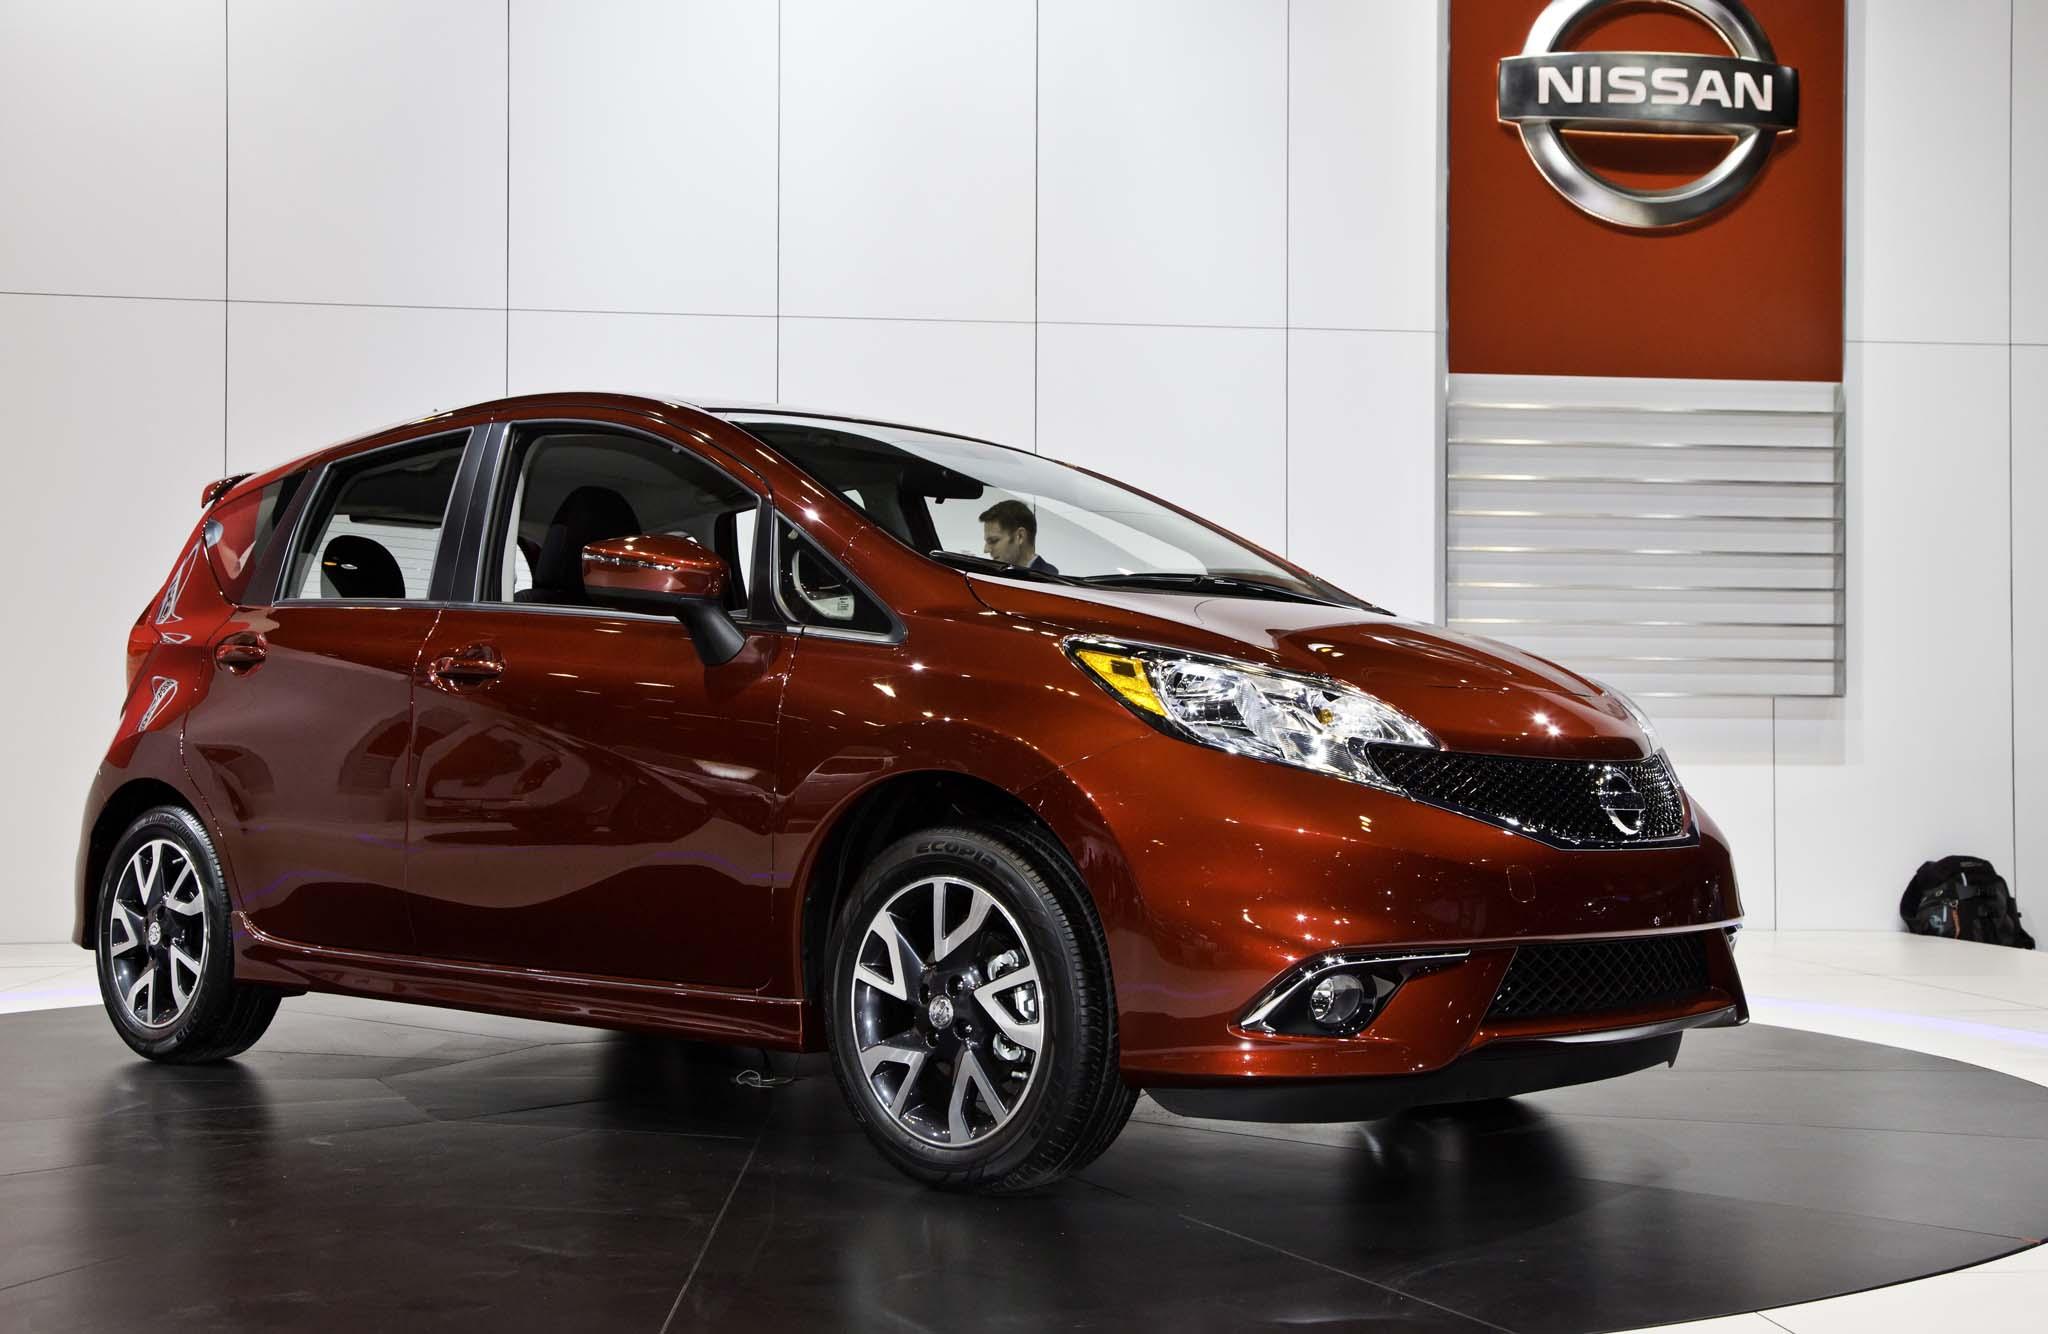 2015 Nissan Versa Note SR Front Three Quarter1